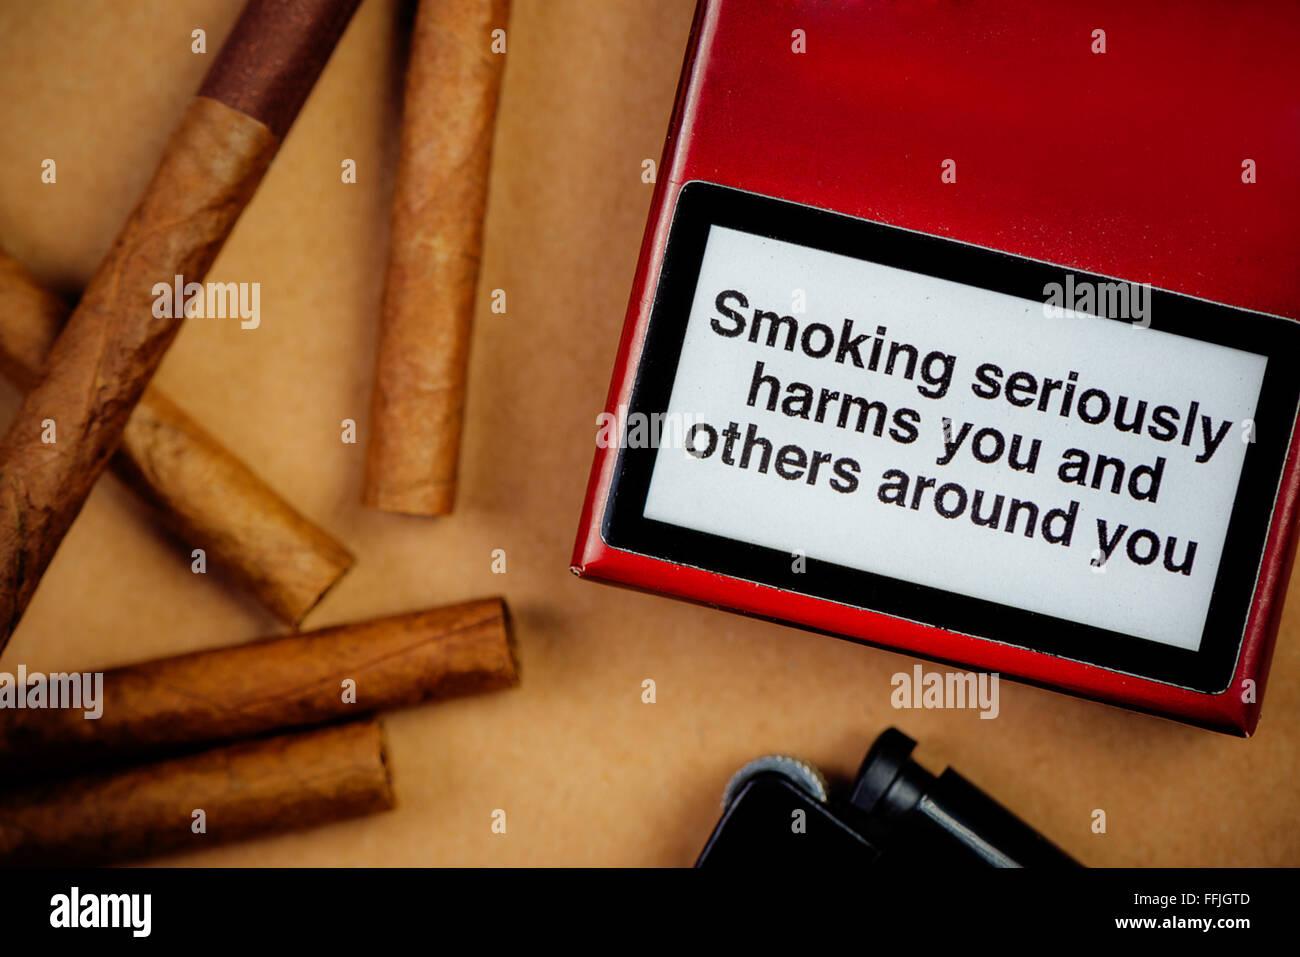 Fumare sigarette dipendenza e problema sanitario concetto, piatto disposizione laici, il fumo danneggia gravemente Immagini Stock